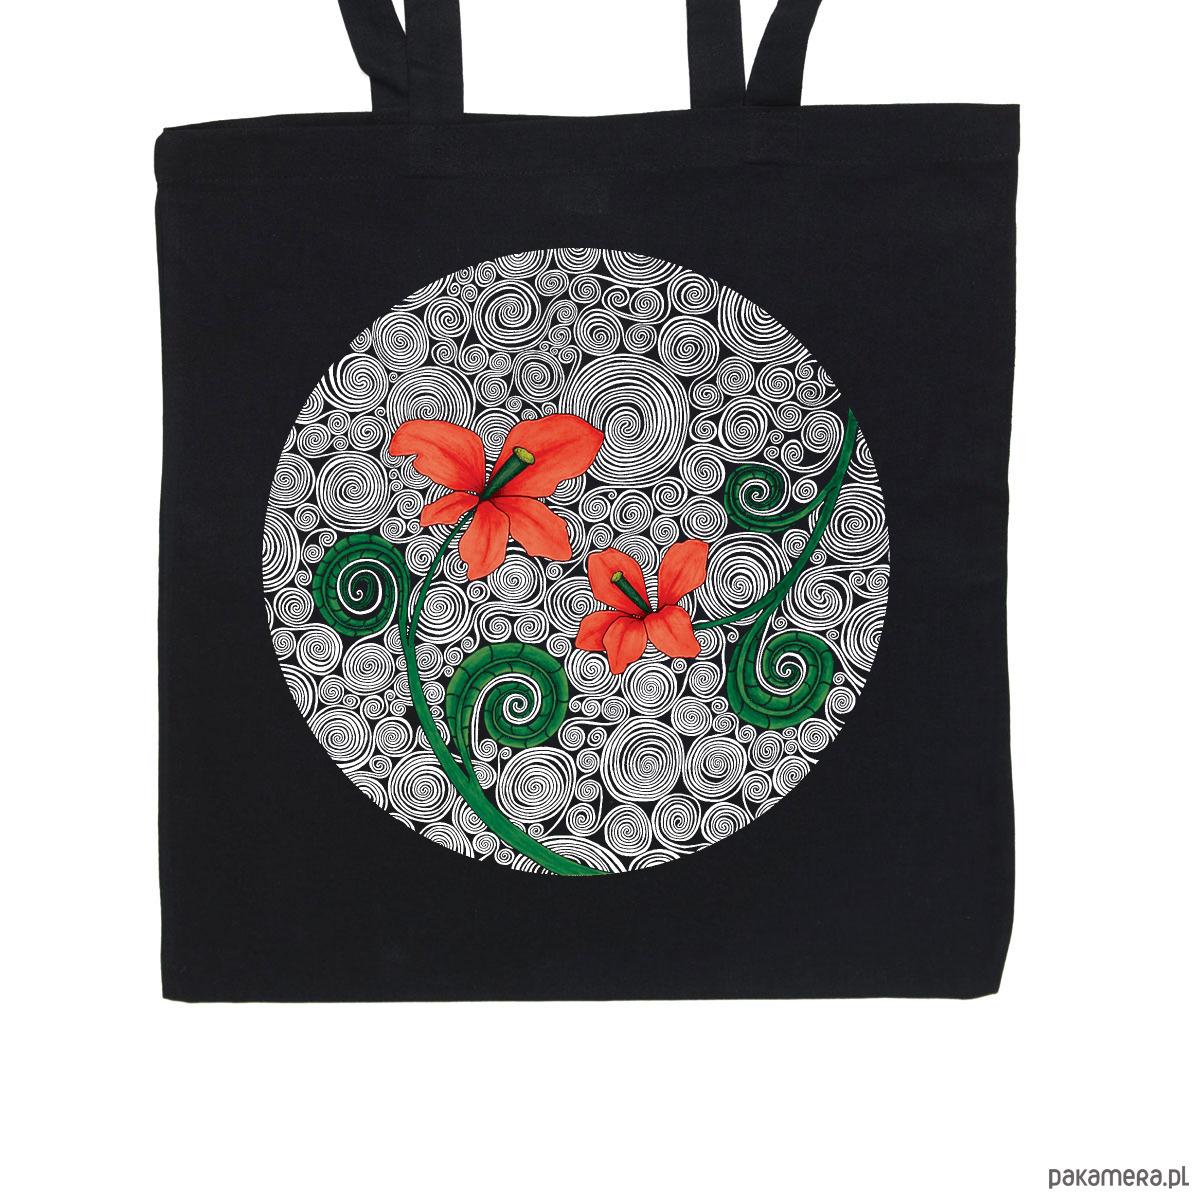 cafa4a7eb6011 Czerwone kwiaty - torba bawełniana czarna - torby na zakupy - unisex -  Pakamera.pl